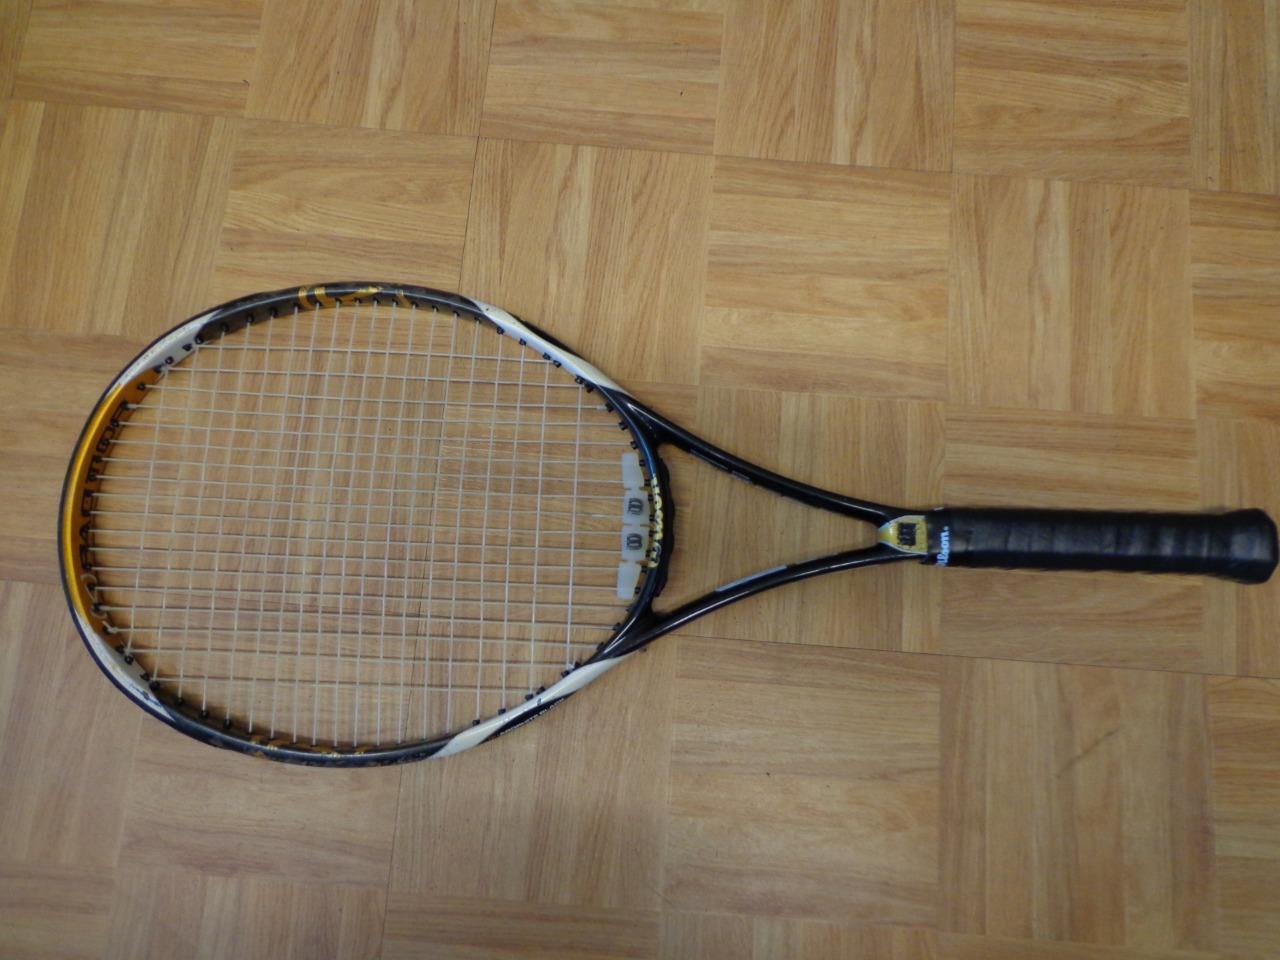 Wilson K Factor K Blade TEAM 104 4 3 8 grip Tennis Racquet